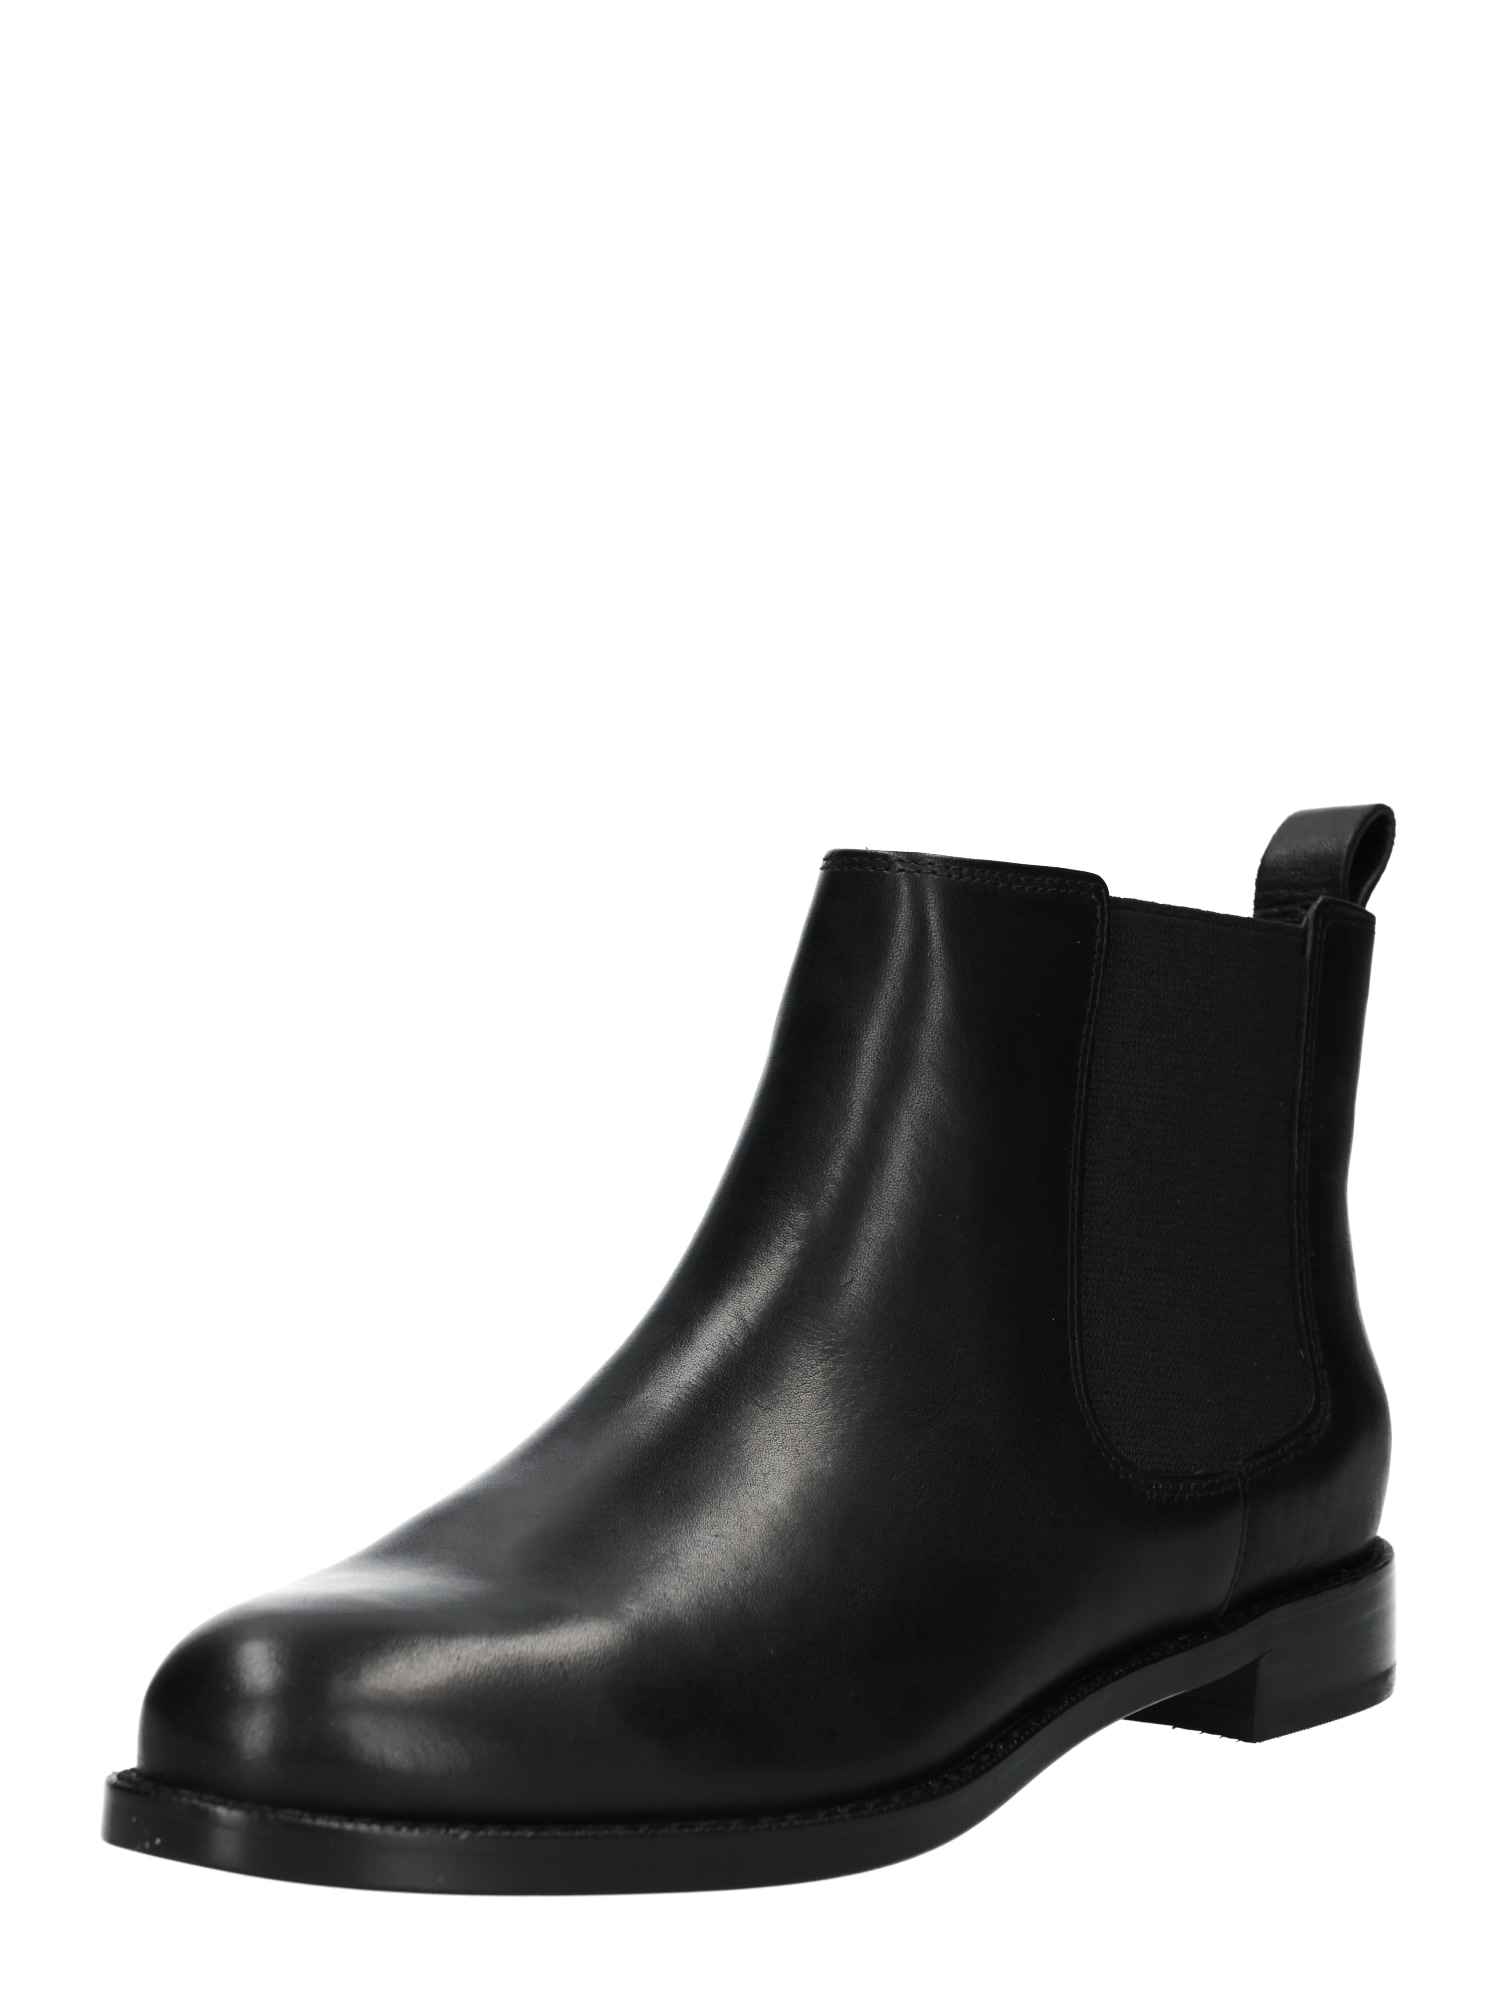 Chelsea boty HAANA-BOOTS-CASUAL černá Lauren Ralph Lauren